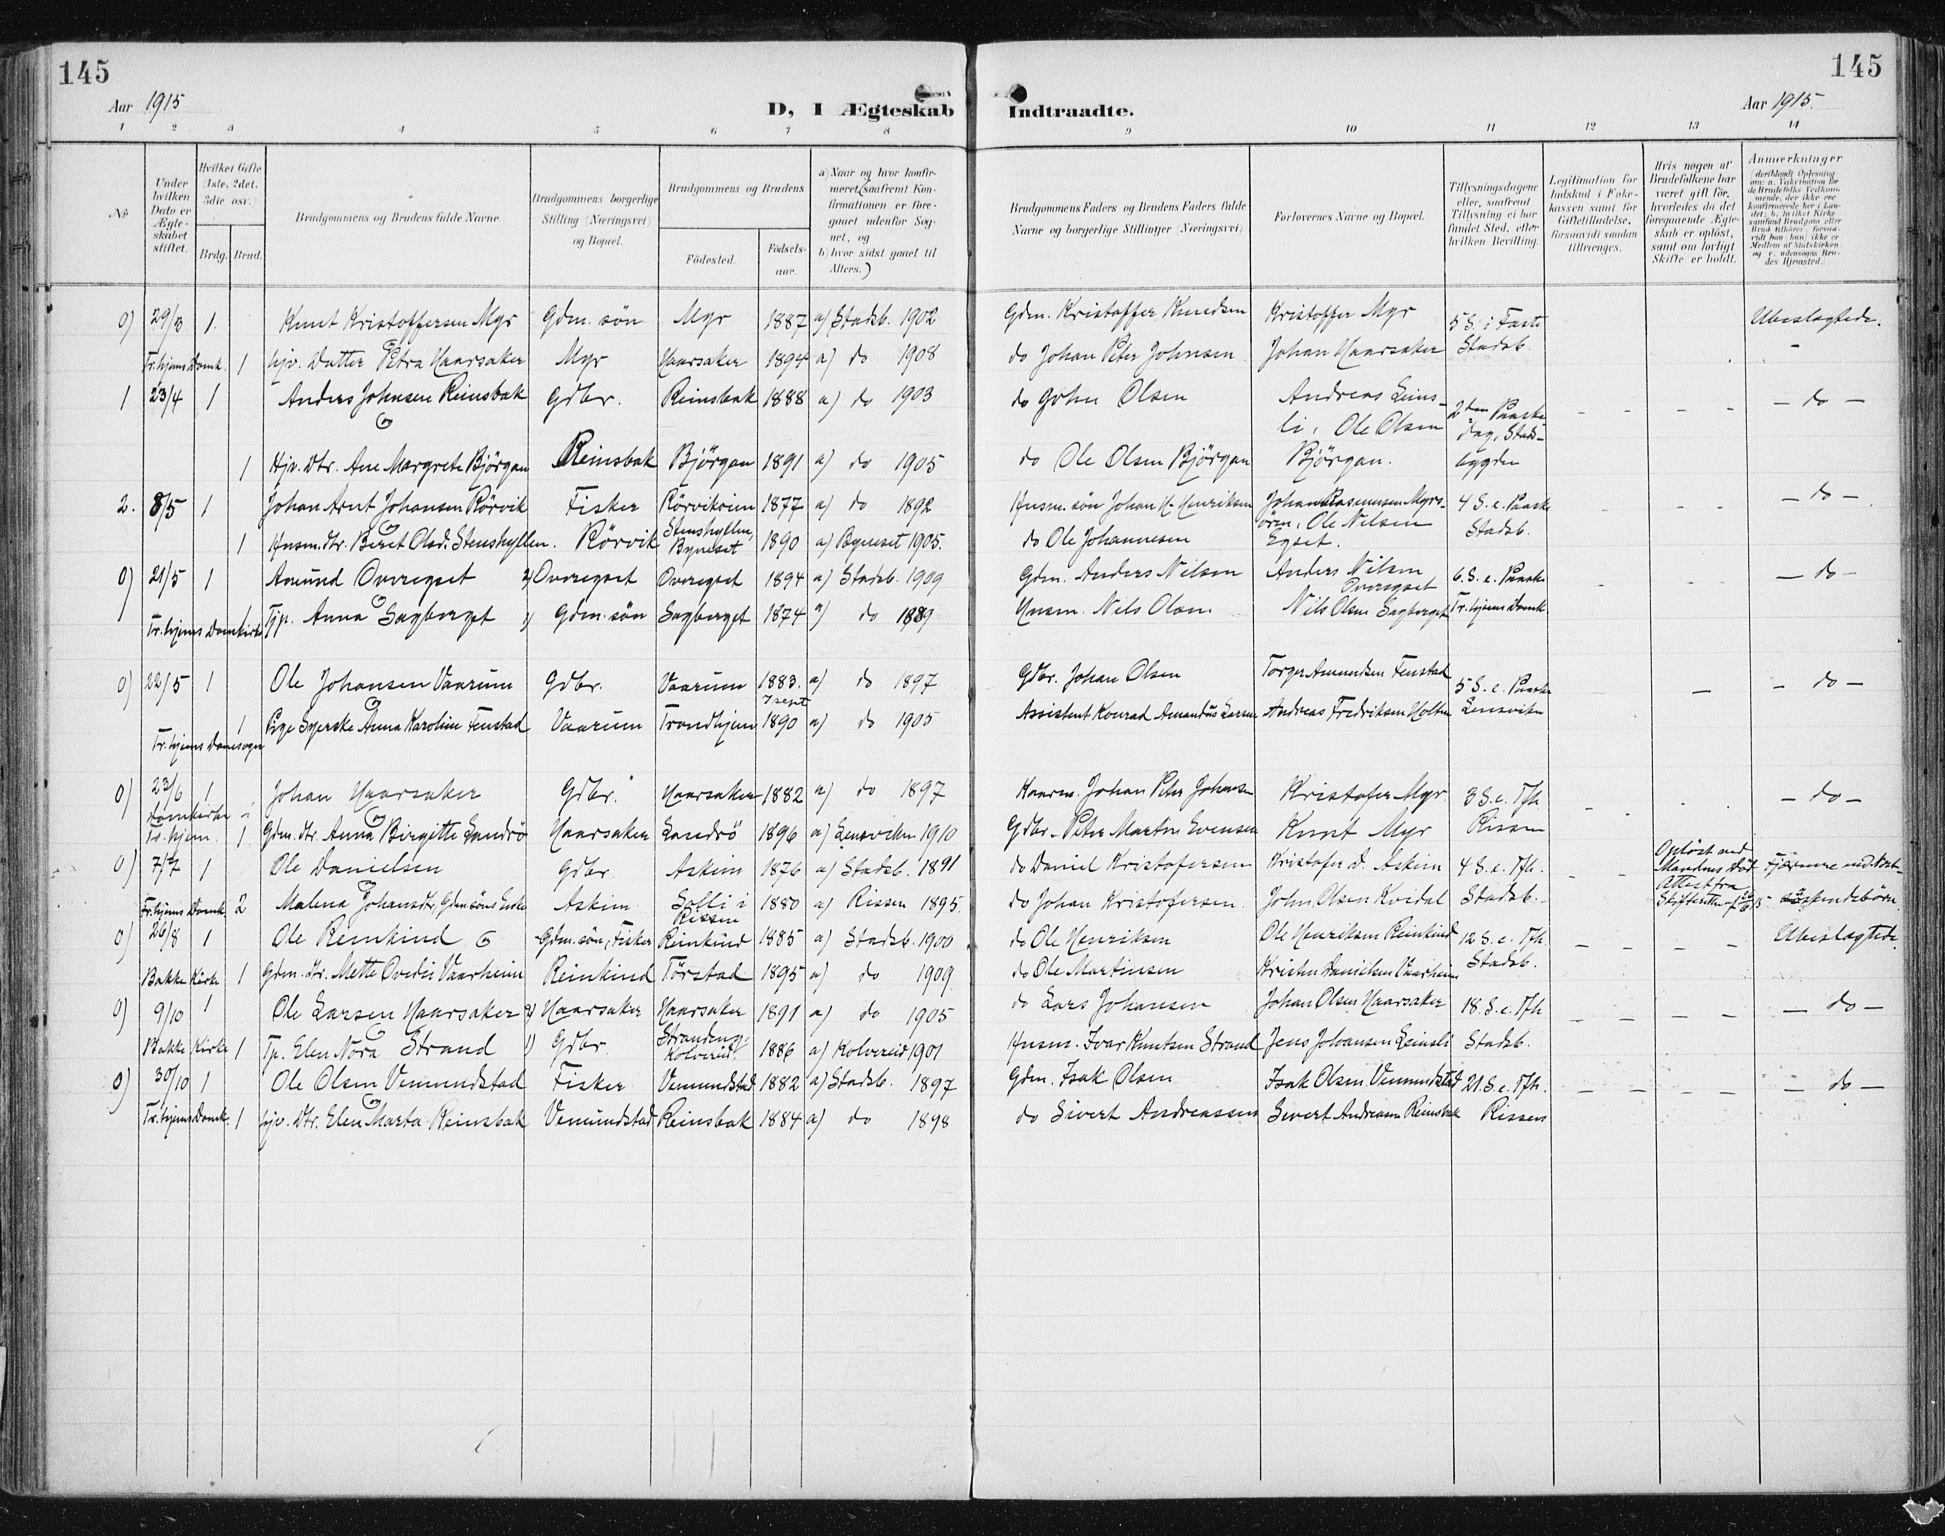 SAT, Ministerialprotokoller, klokkerbøker og fødselsregistre - Sør-Trøndelag, 646/L0616: Ministerialbok nr. 646A14, 1900-1918, s. 145